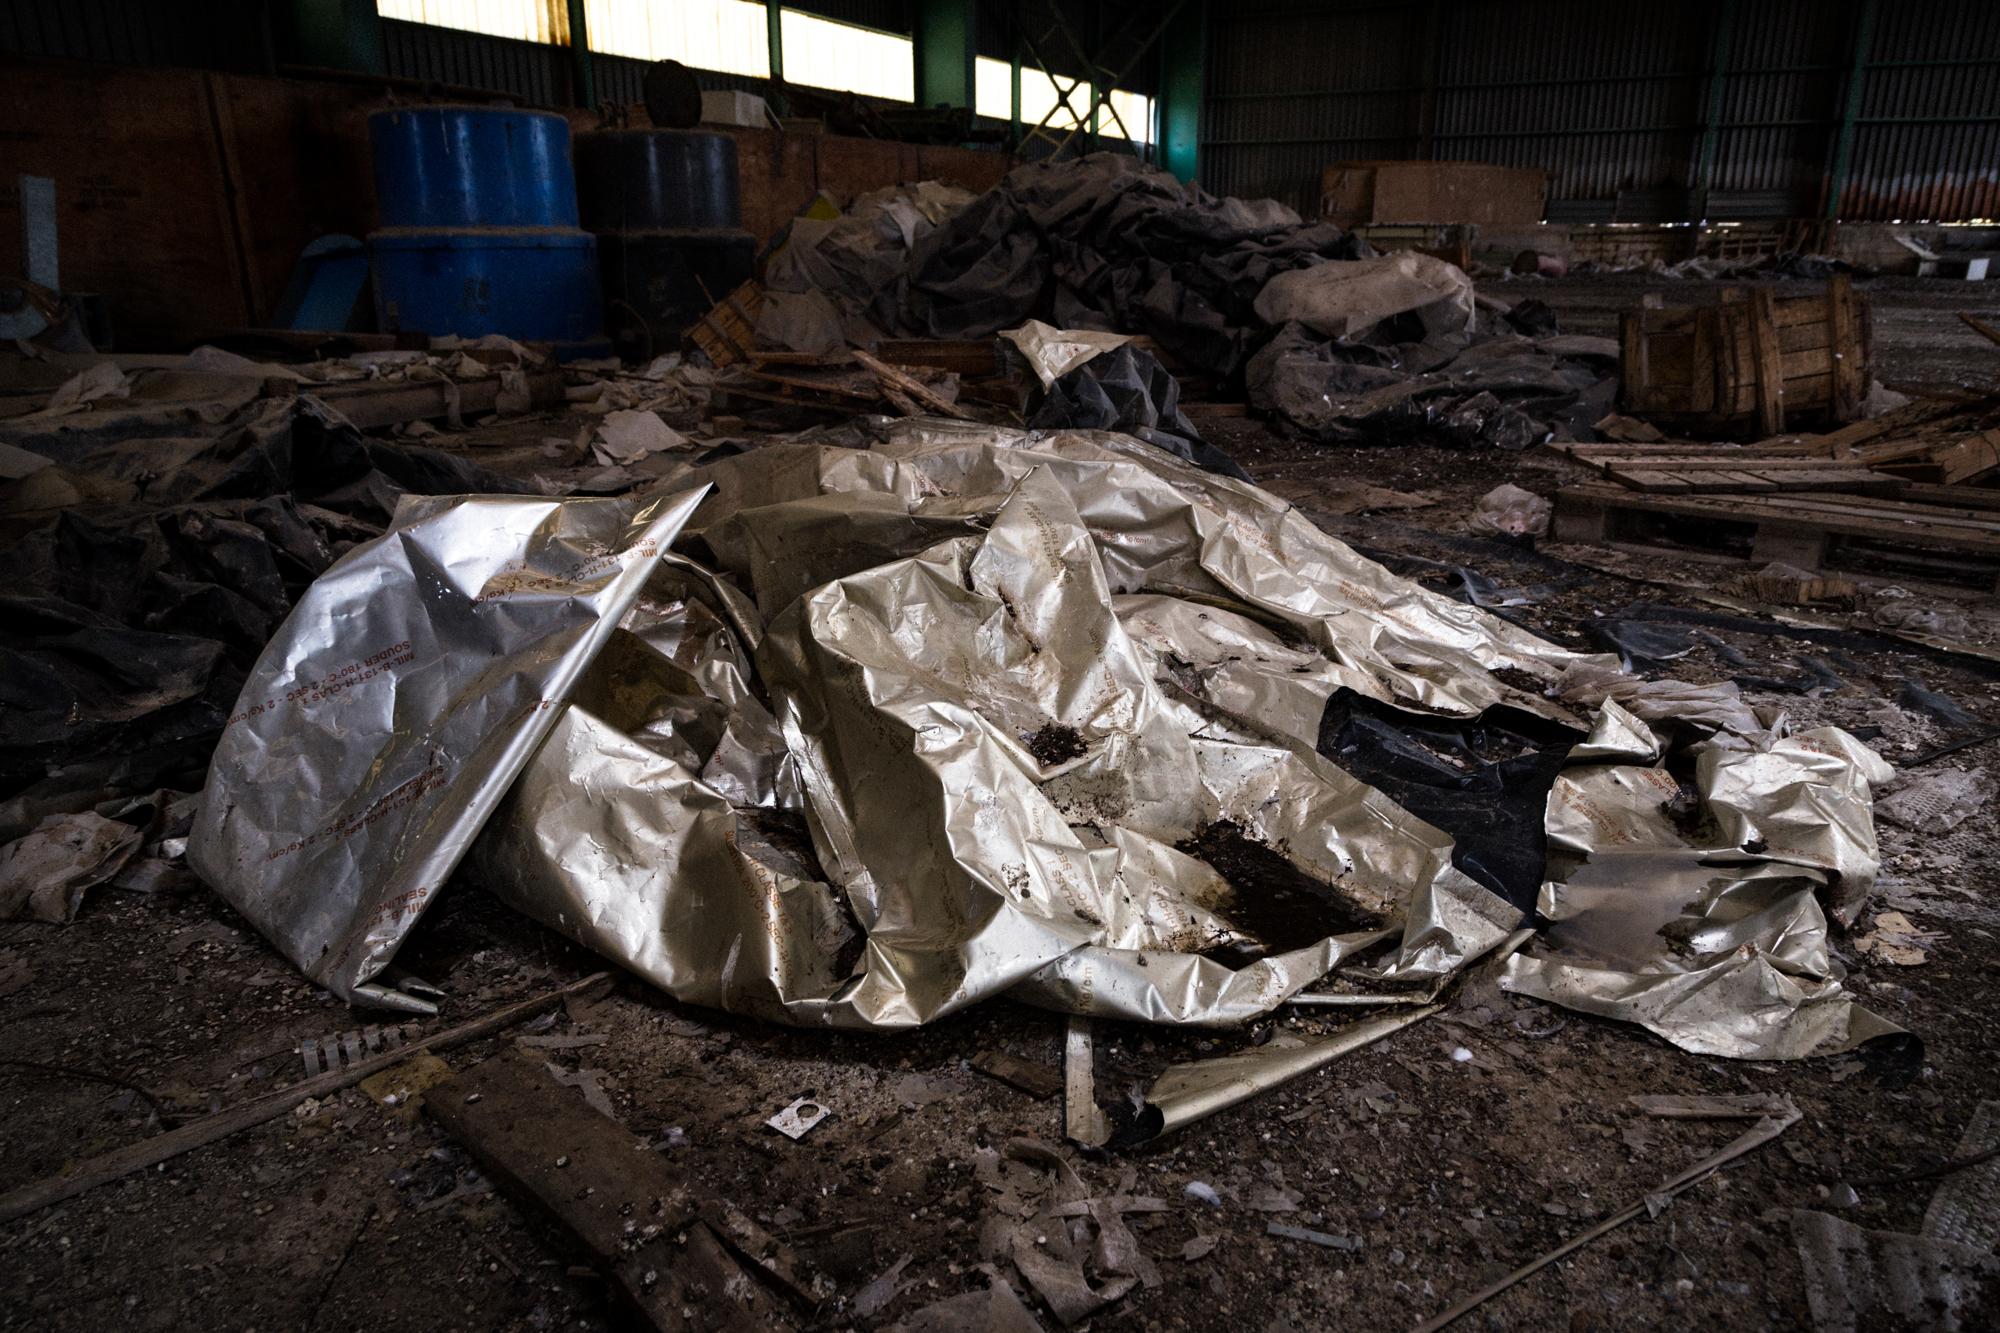 """Una delle telature in PVC utilizzate per avvolgere i fanghi e gli altri materiali classificati dall'O.M.S., (Organizzazione Mondiale della Sanità), come """"rifiuti altamente inquinanti e pericolosi"""". Tito (Area S.I.N. Ex Liquichimica), Settembre 2015"""